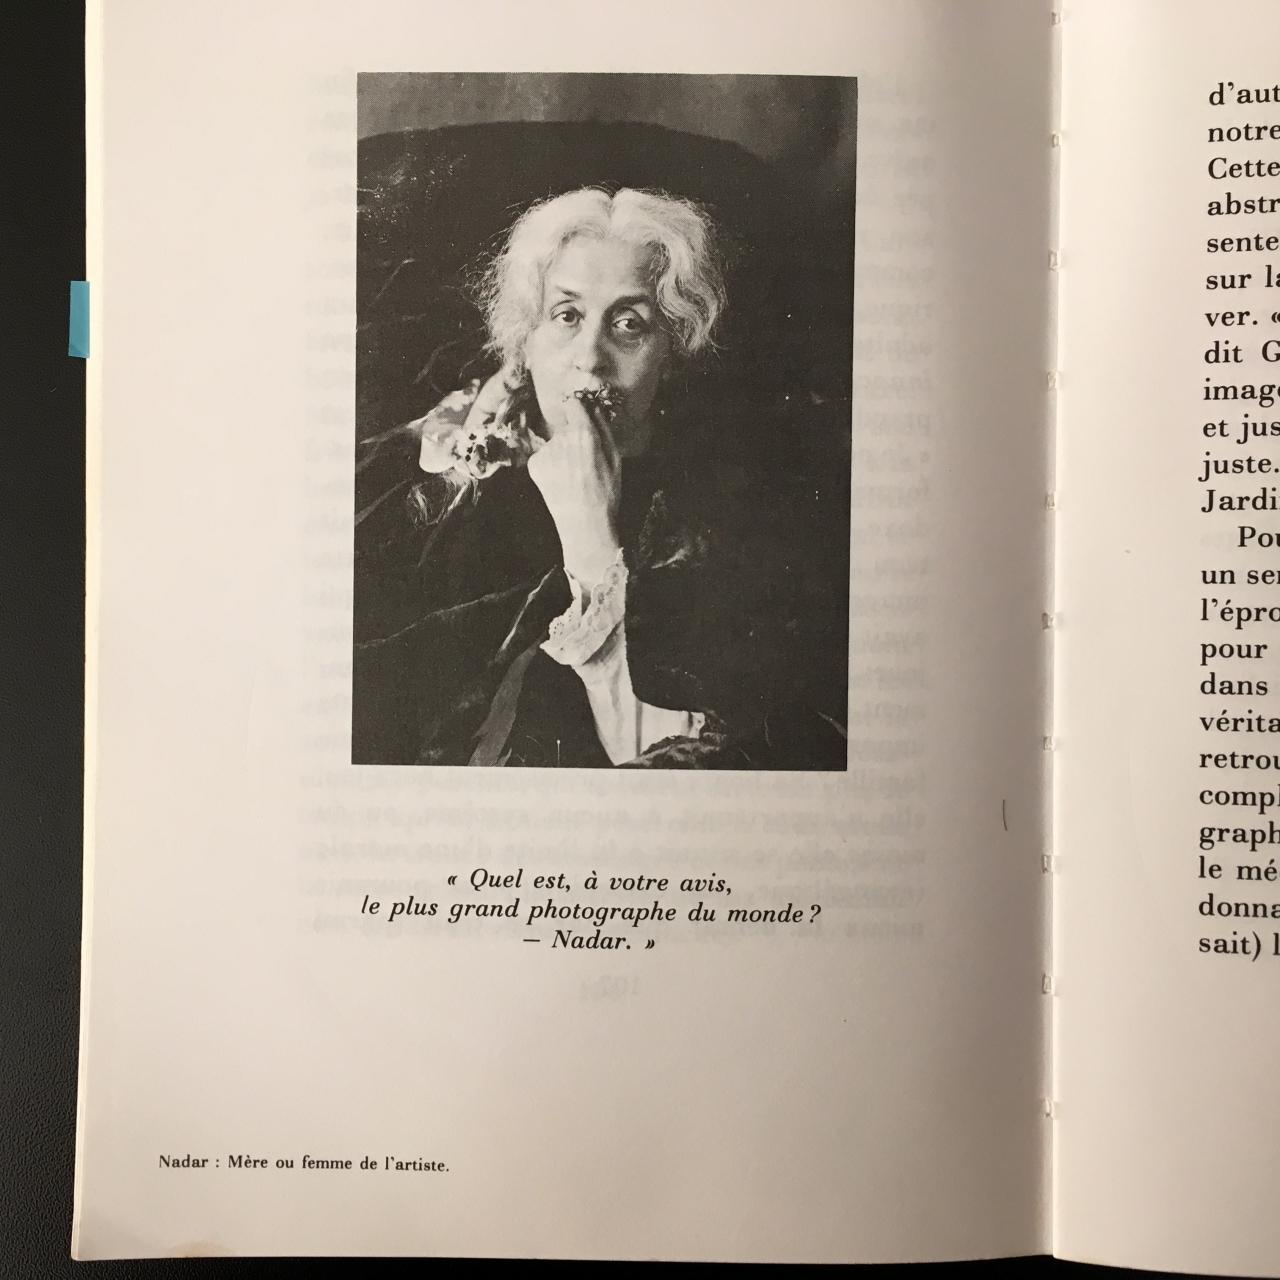 la-chambre-claire-note-sur-la-photographie-roland-barthes-editions-de-letoile-gallimard-le-seuil-i980..jpg